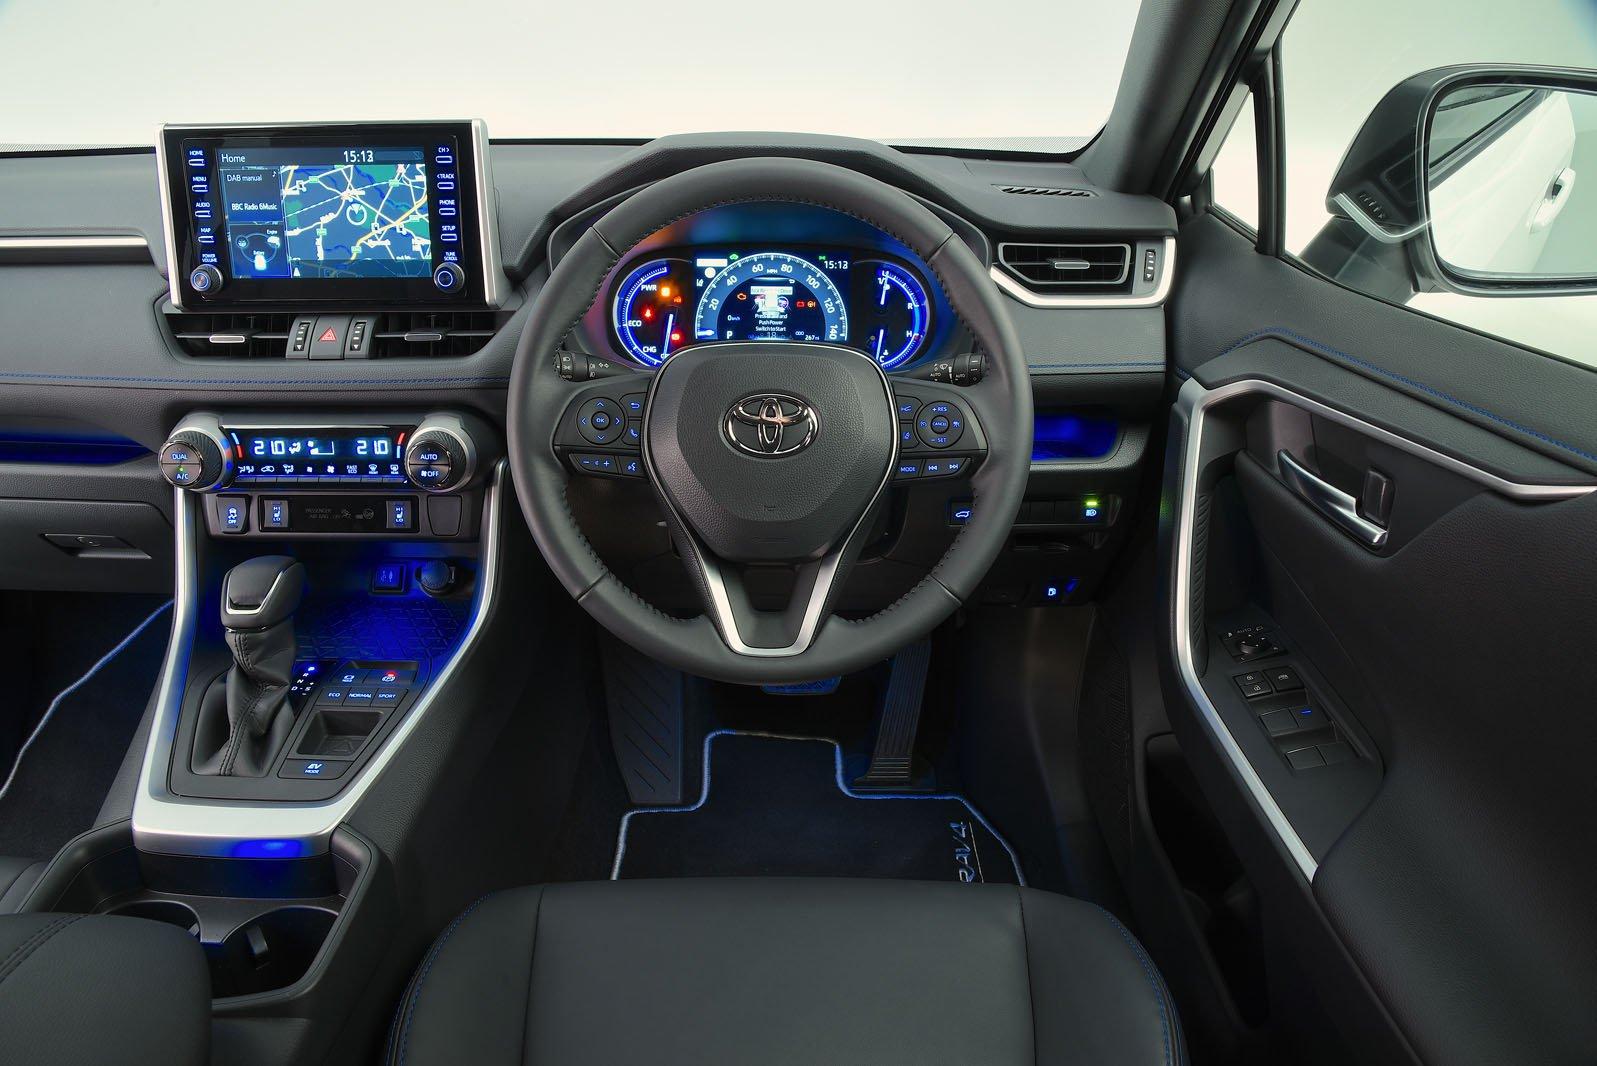 Toyota RAV4 2.5 VVT-i Hybrid 2WD Icon CVT - interior